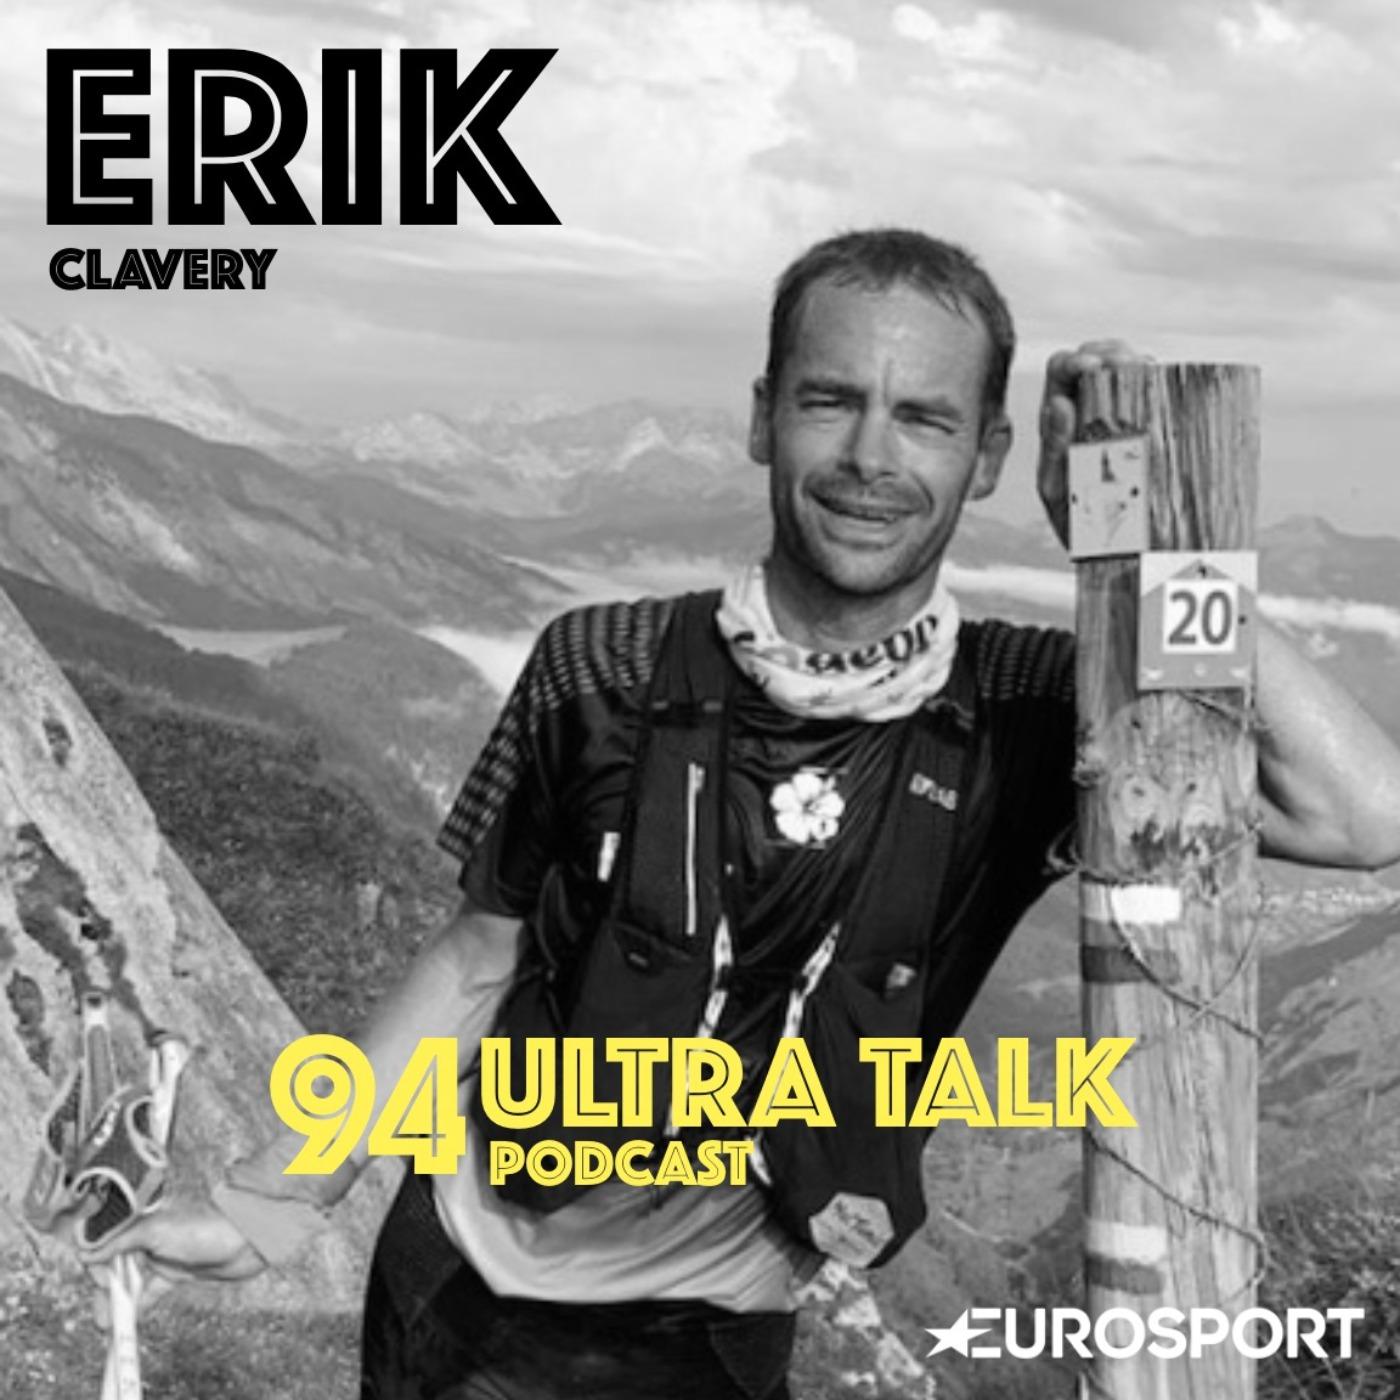 Erik Clavery - L'impossible n'existe pas !